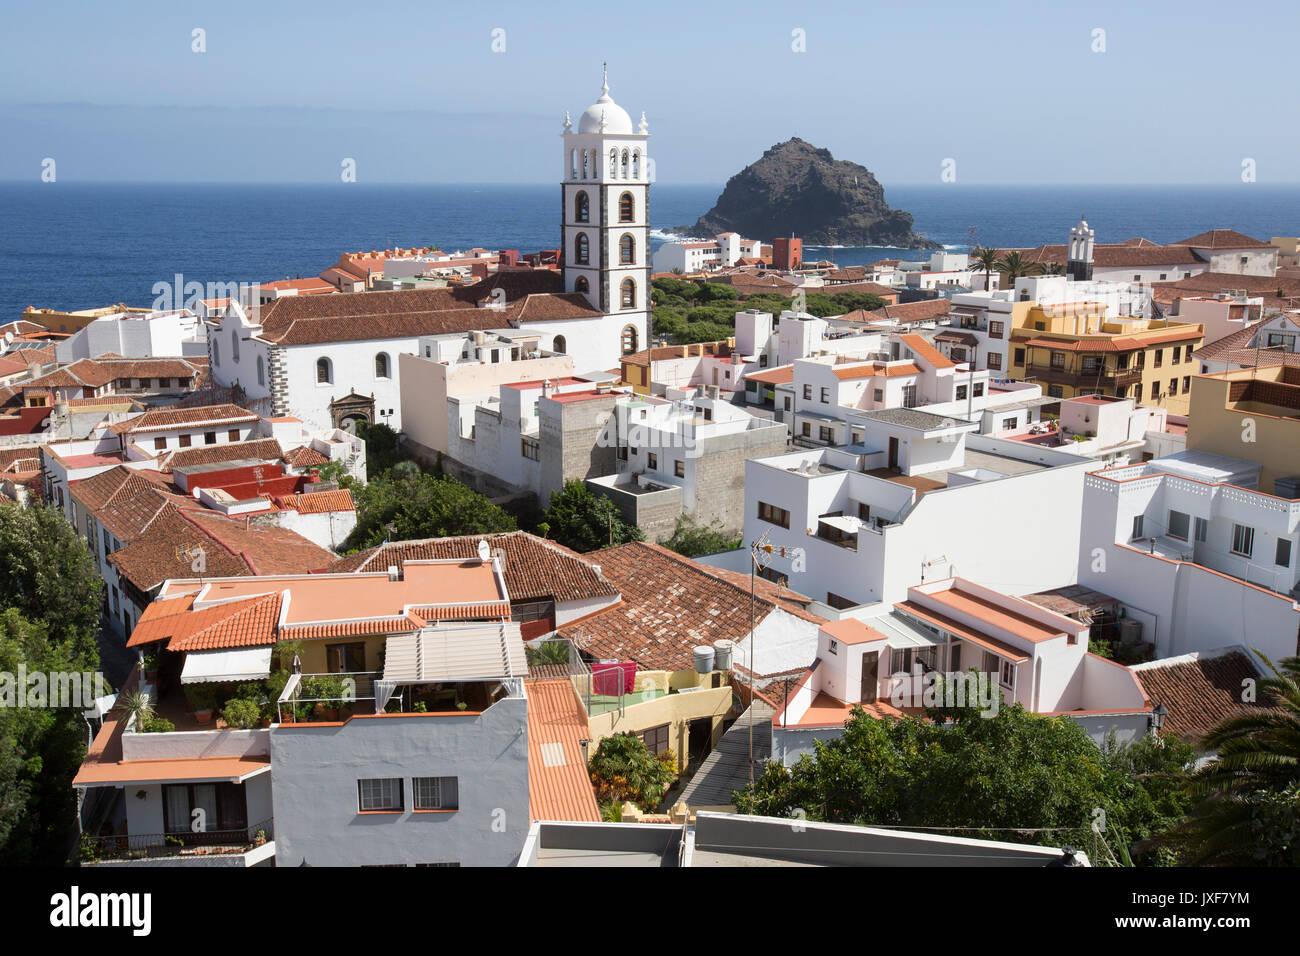 La ciudad de Garachico, en Tenerife, Islas Canarias. Imagen De Stock